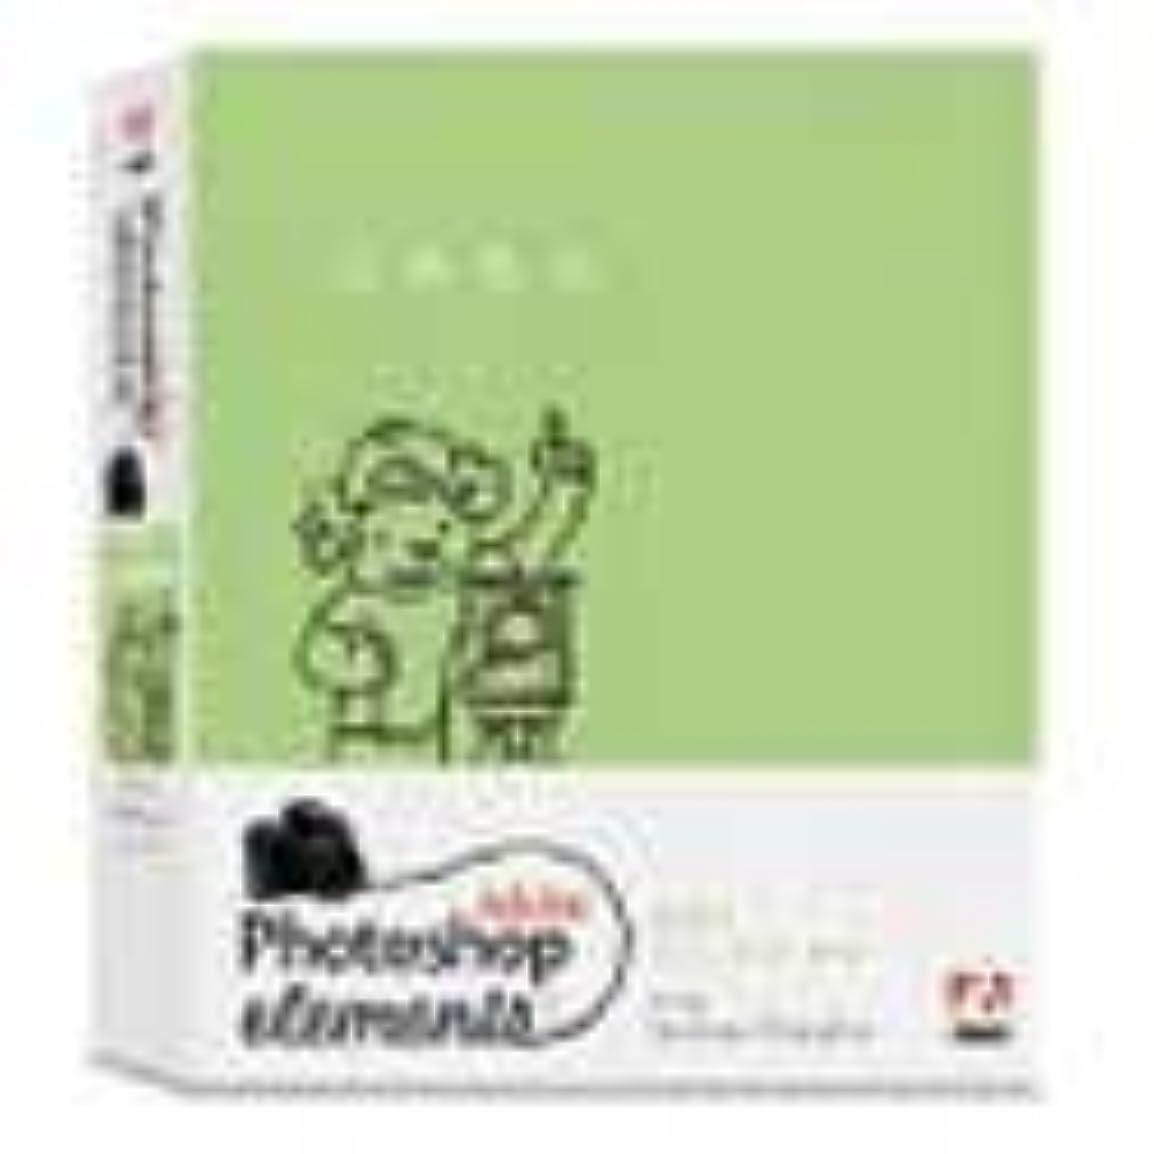 便益透けるファセットAdobe Photoshop Elements 3.0 日本語版 Windows版